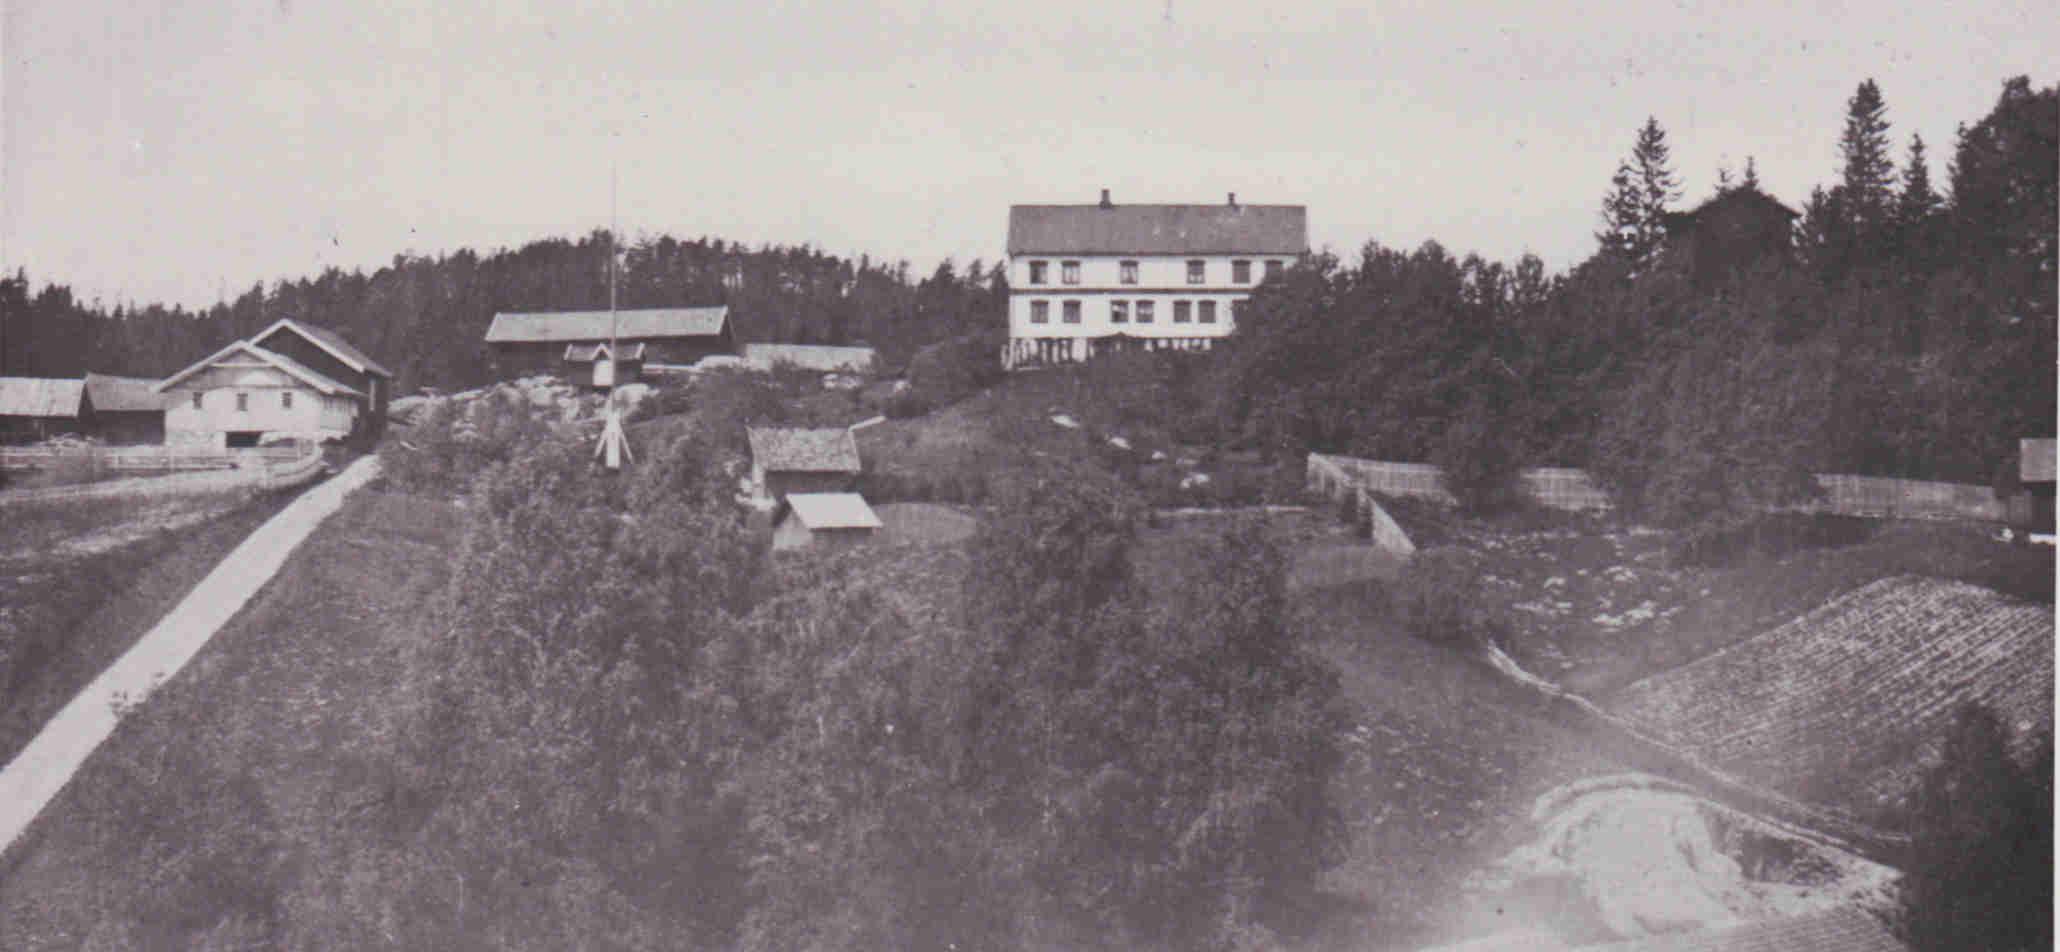 Ekeberg gård enebakk